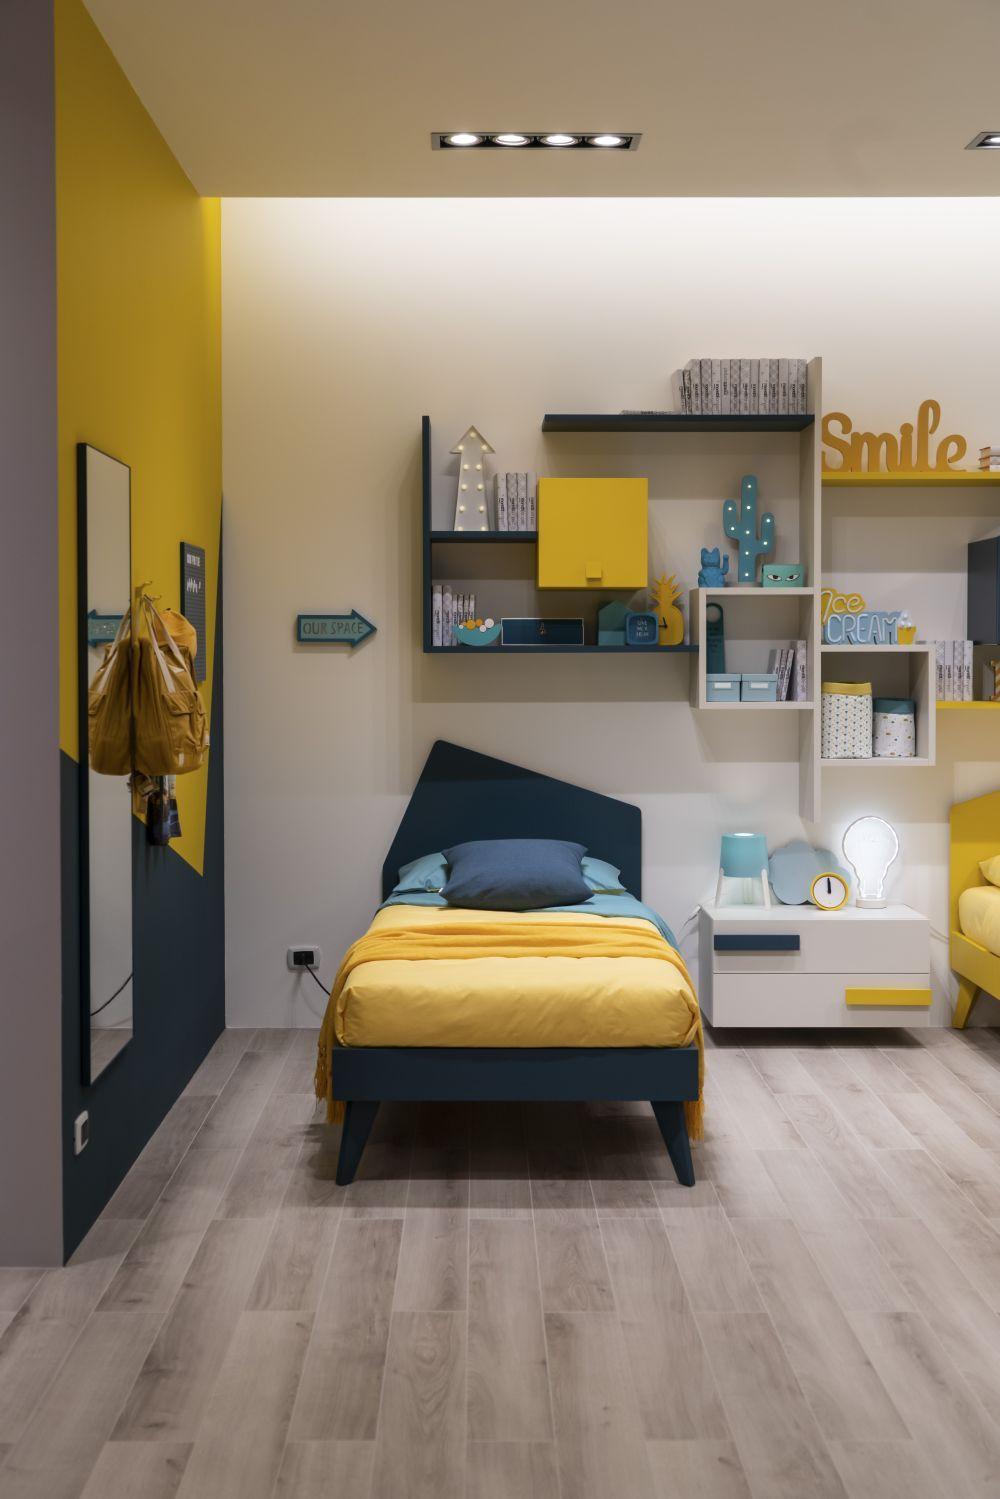 Cool Furniture And Design Ideas For Teenage Rooms Kids Room Furniture Boy Bedroom Design Home Room Design